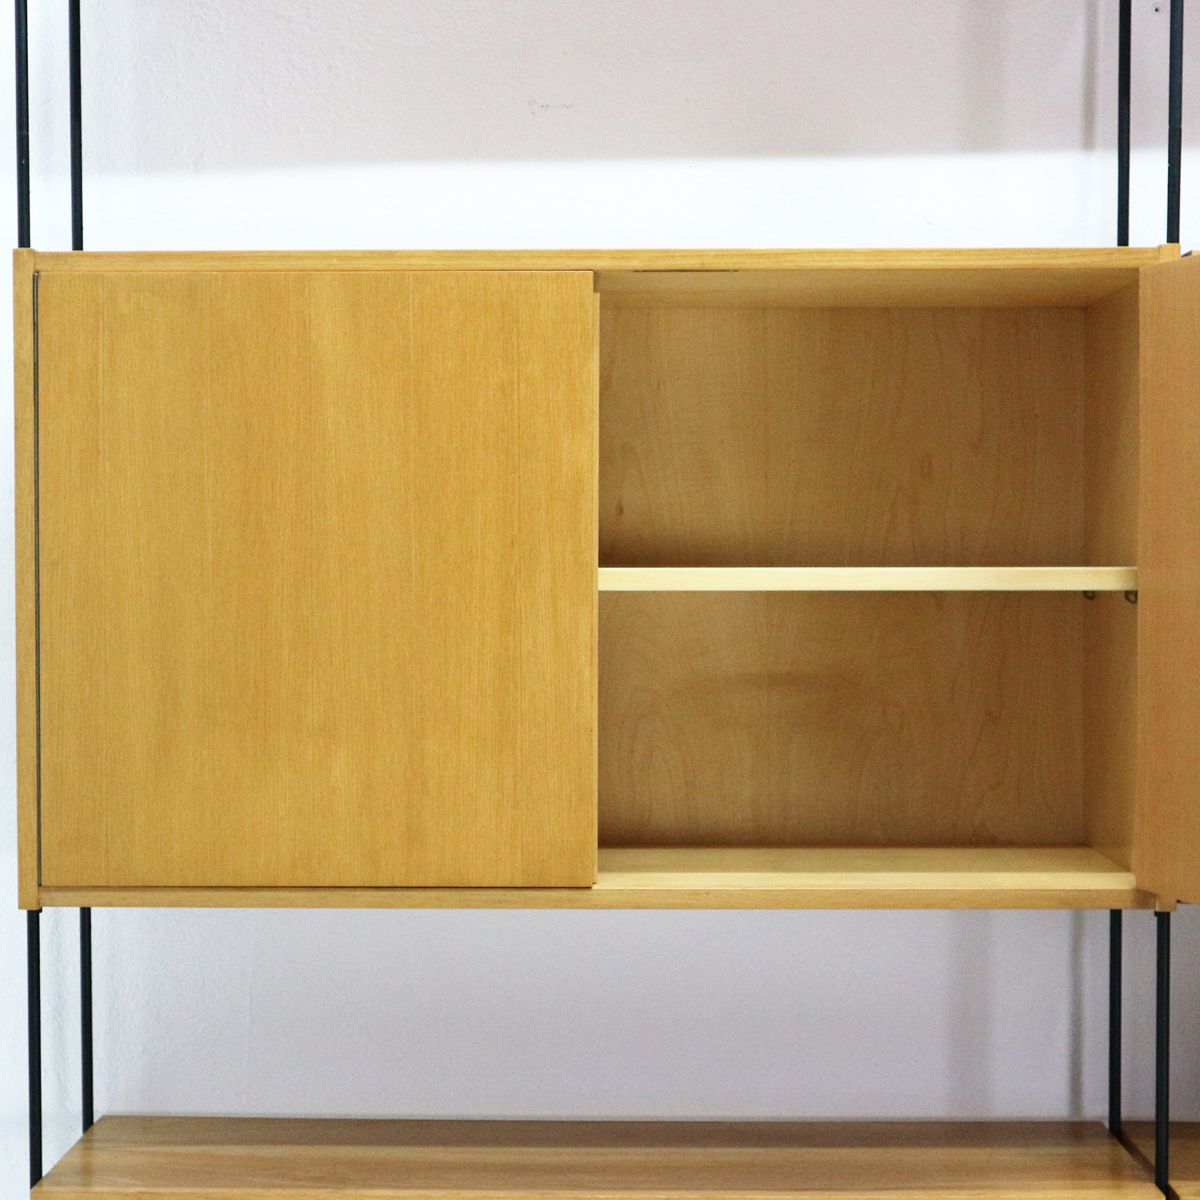 gro es omnia regal mit eschenfurnier von hilker 1960er bei pamono kaufen. Black Bedroom Furniture Sets. Home Design Ideas